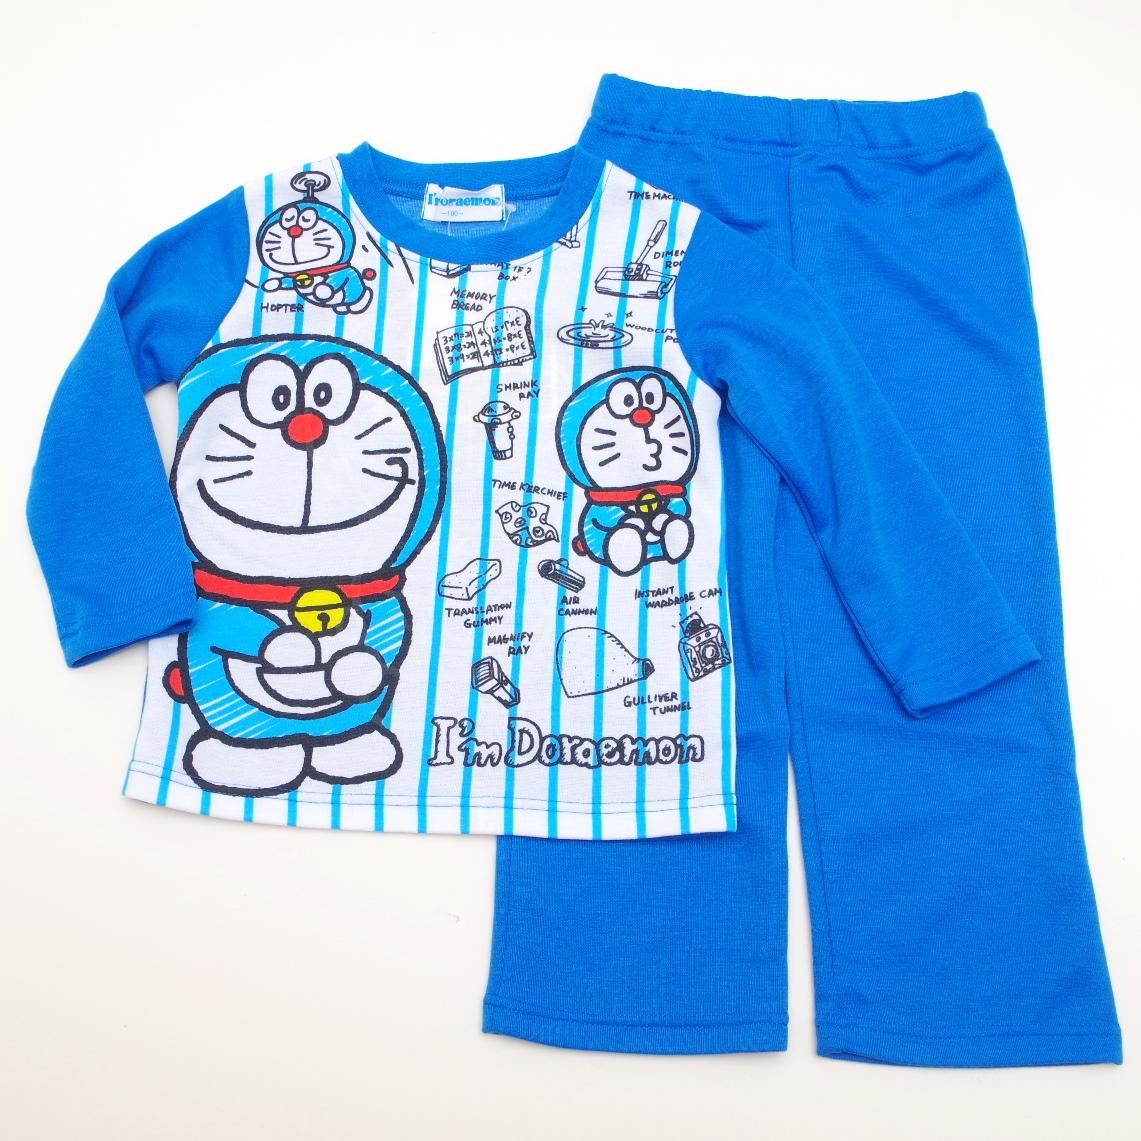 アイムドラえもん 光る長袖パジャマ 100-130cm (833DR102113)